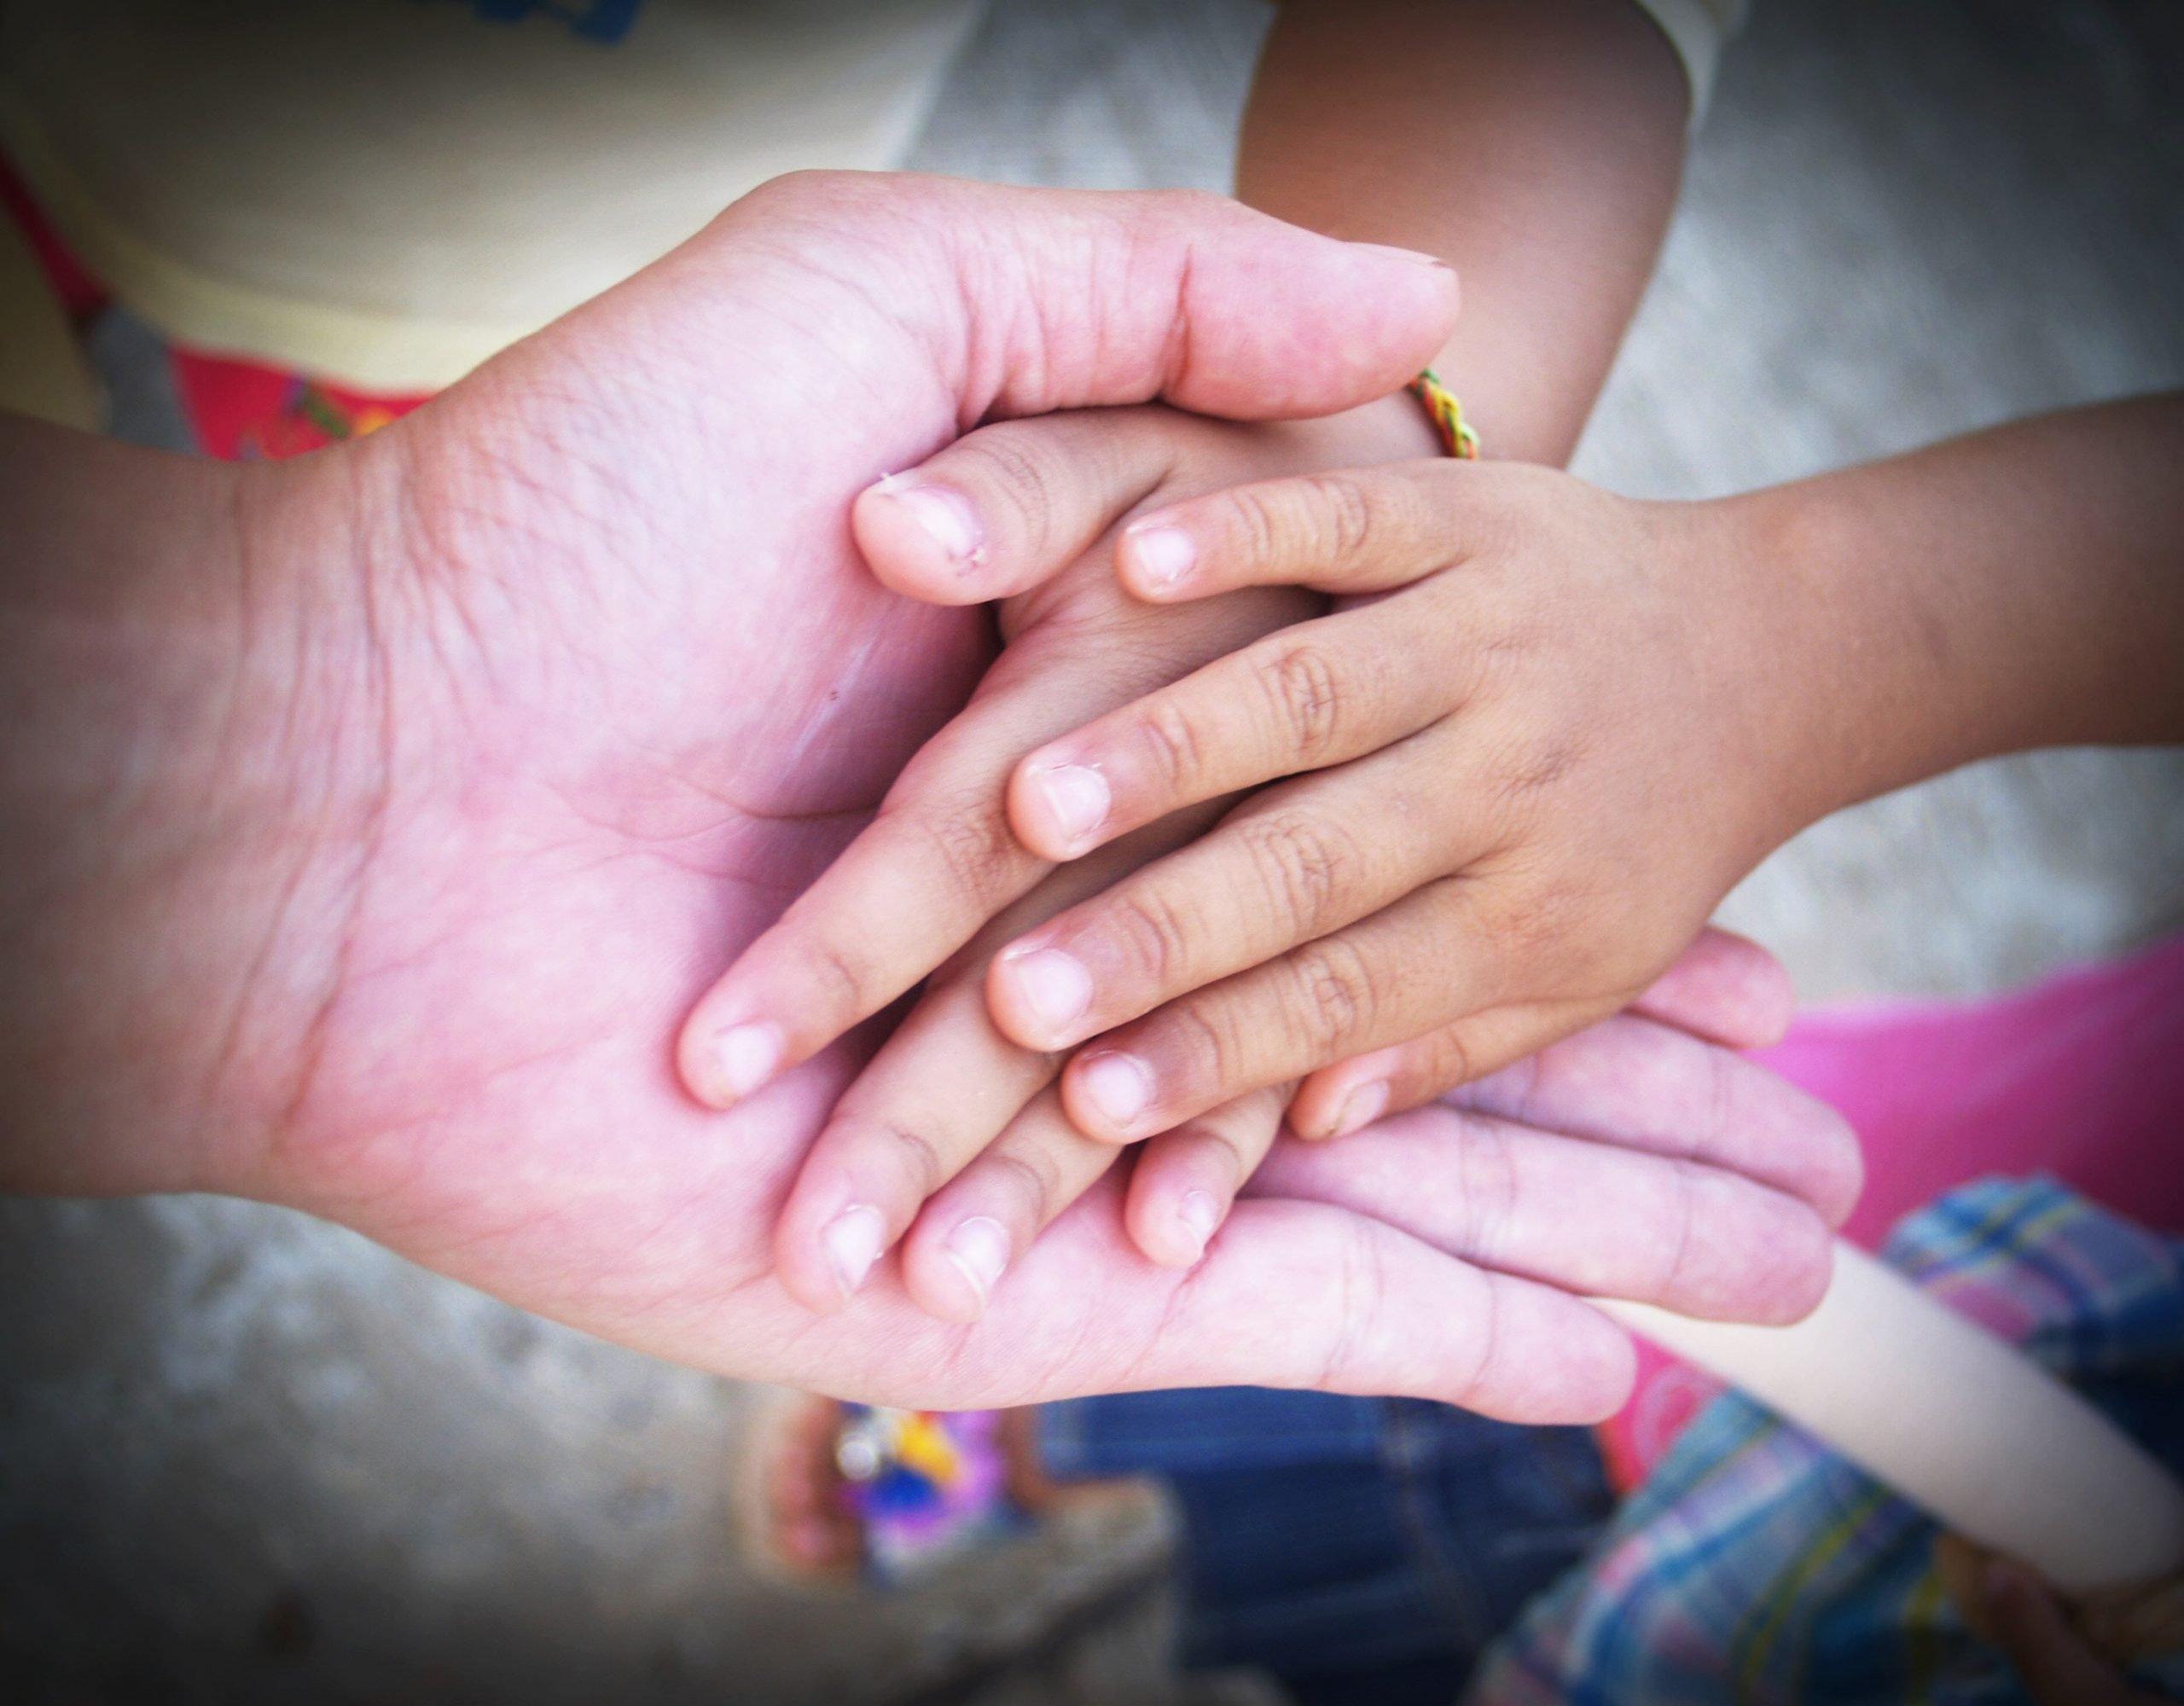 5 de desembre, dia internacional del voluntariat. FES VOLUNTARIAT, MILLORA EL MÓN.